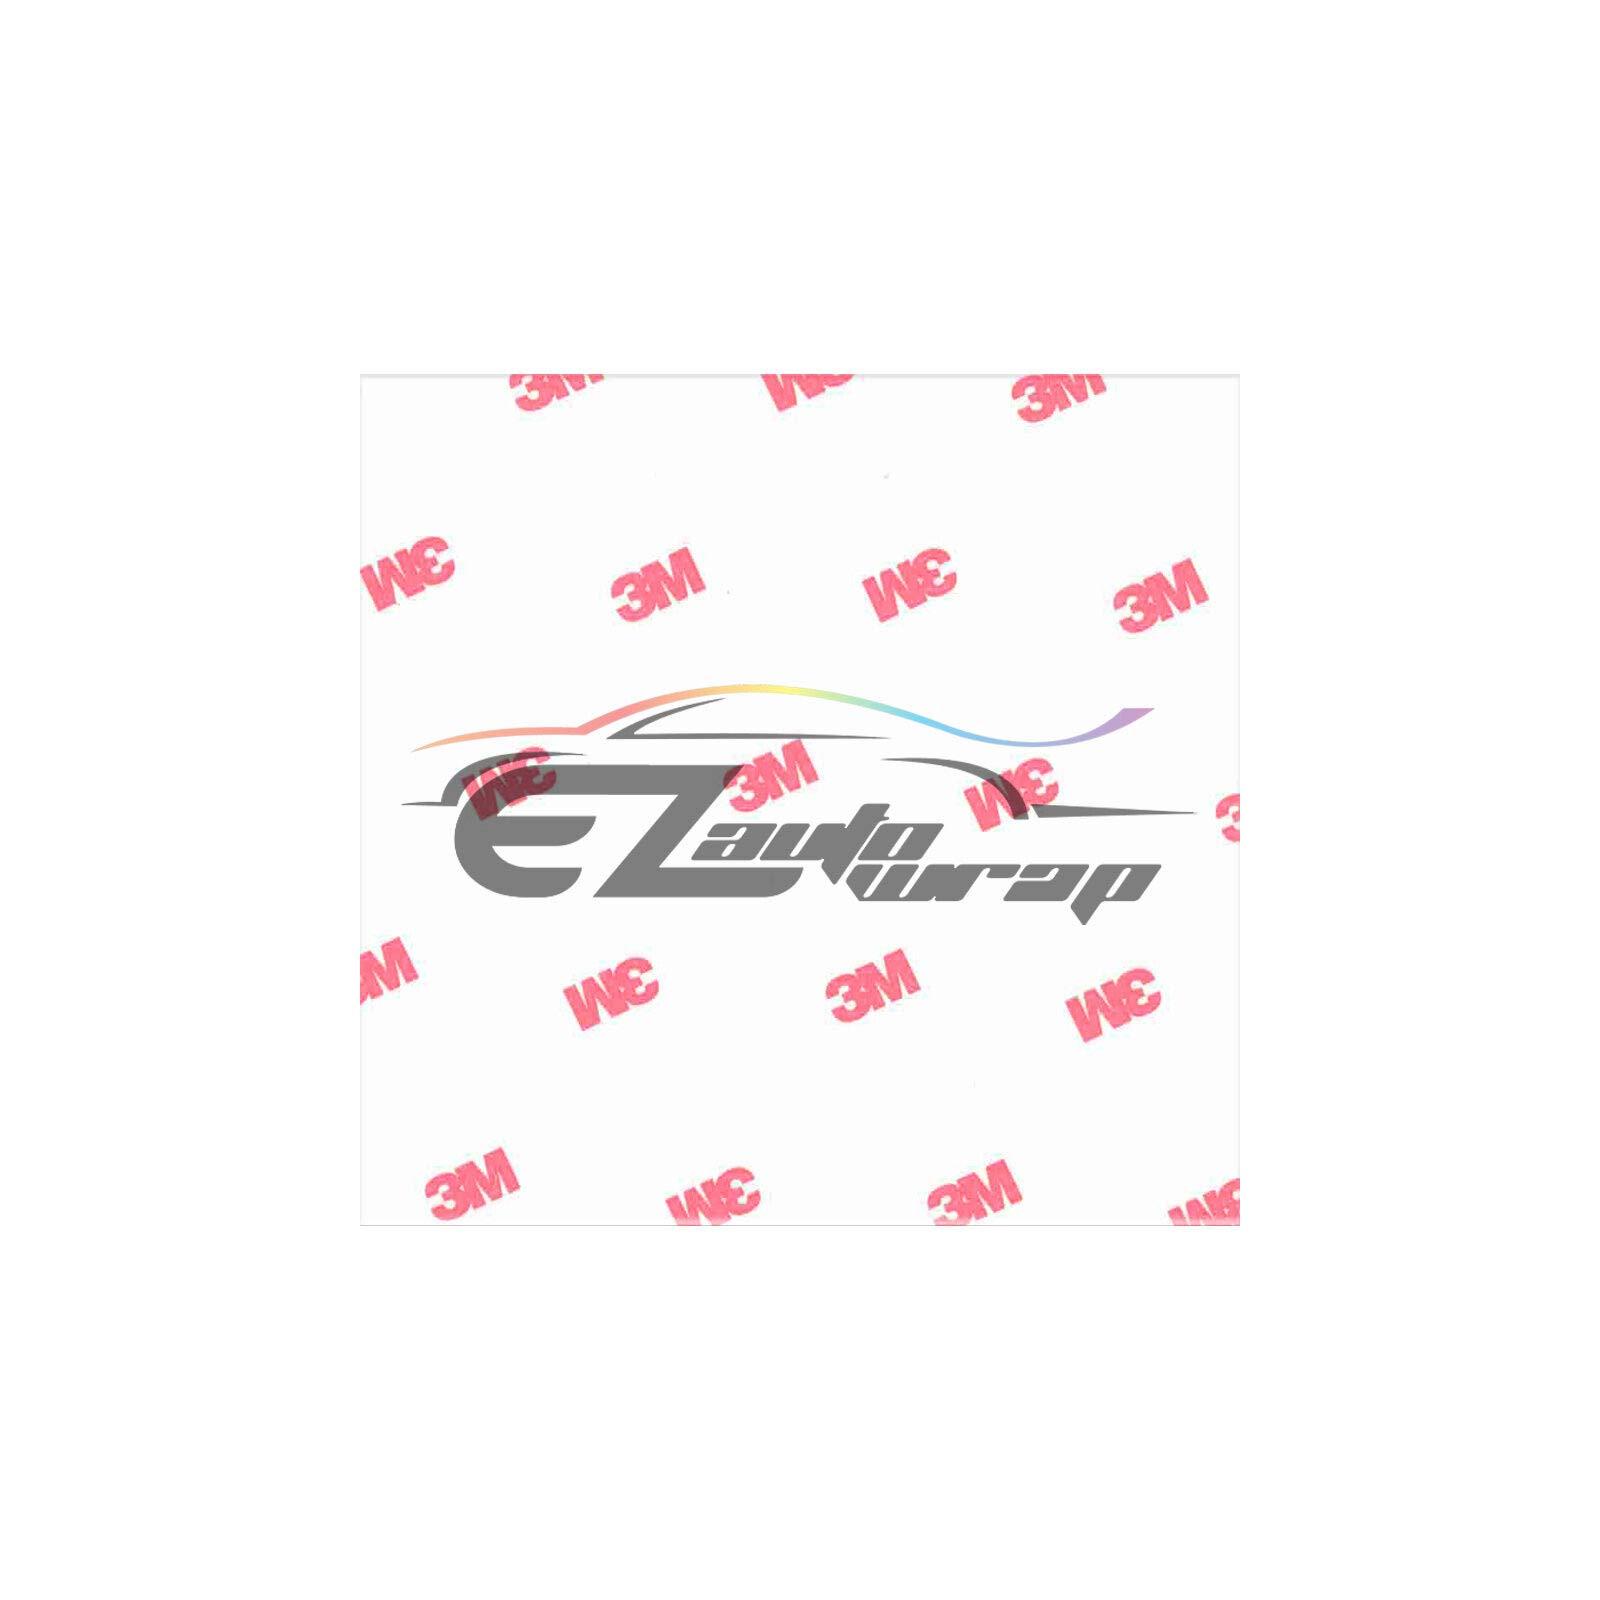 EZAUTOWRAP 4PCs 3M Scotchguard Clear Door Cup Handle Paint Scratch Protection Guard Film Bra Vinyl Style 1 by EZAUTOWRAP (Image #4)